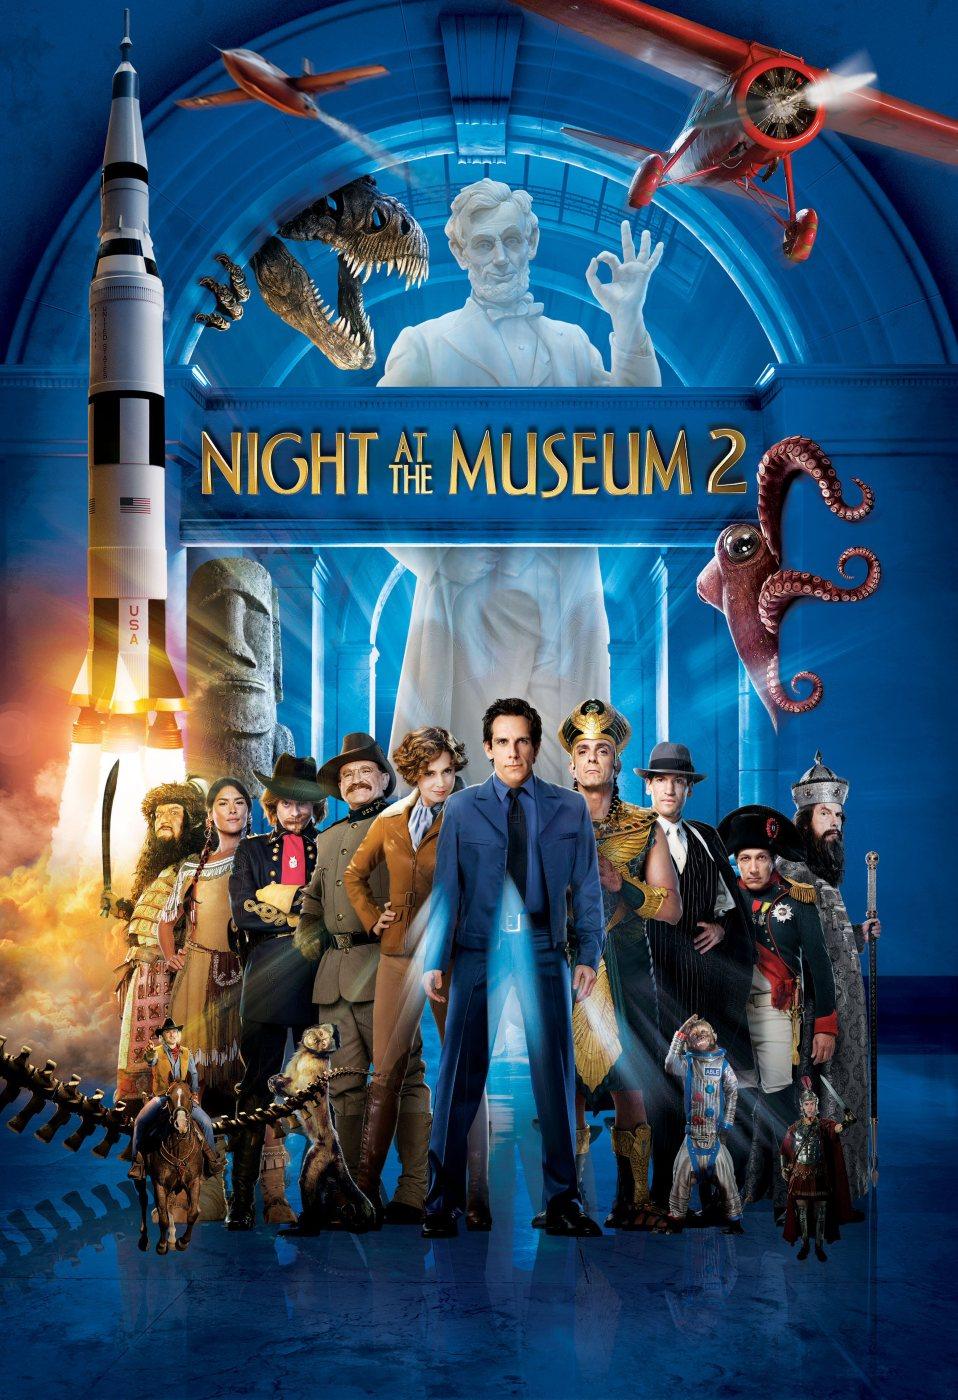 nightatthemuseum2.jpg